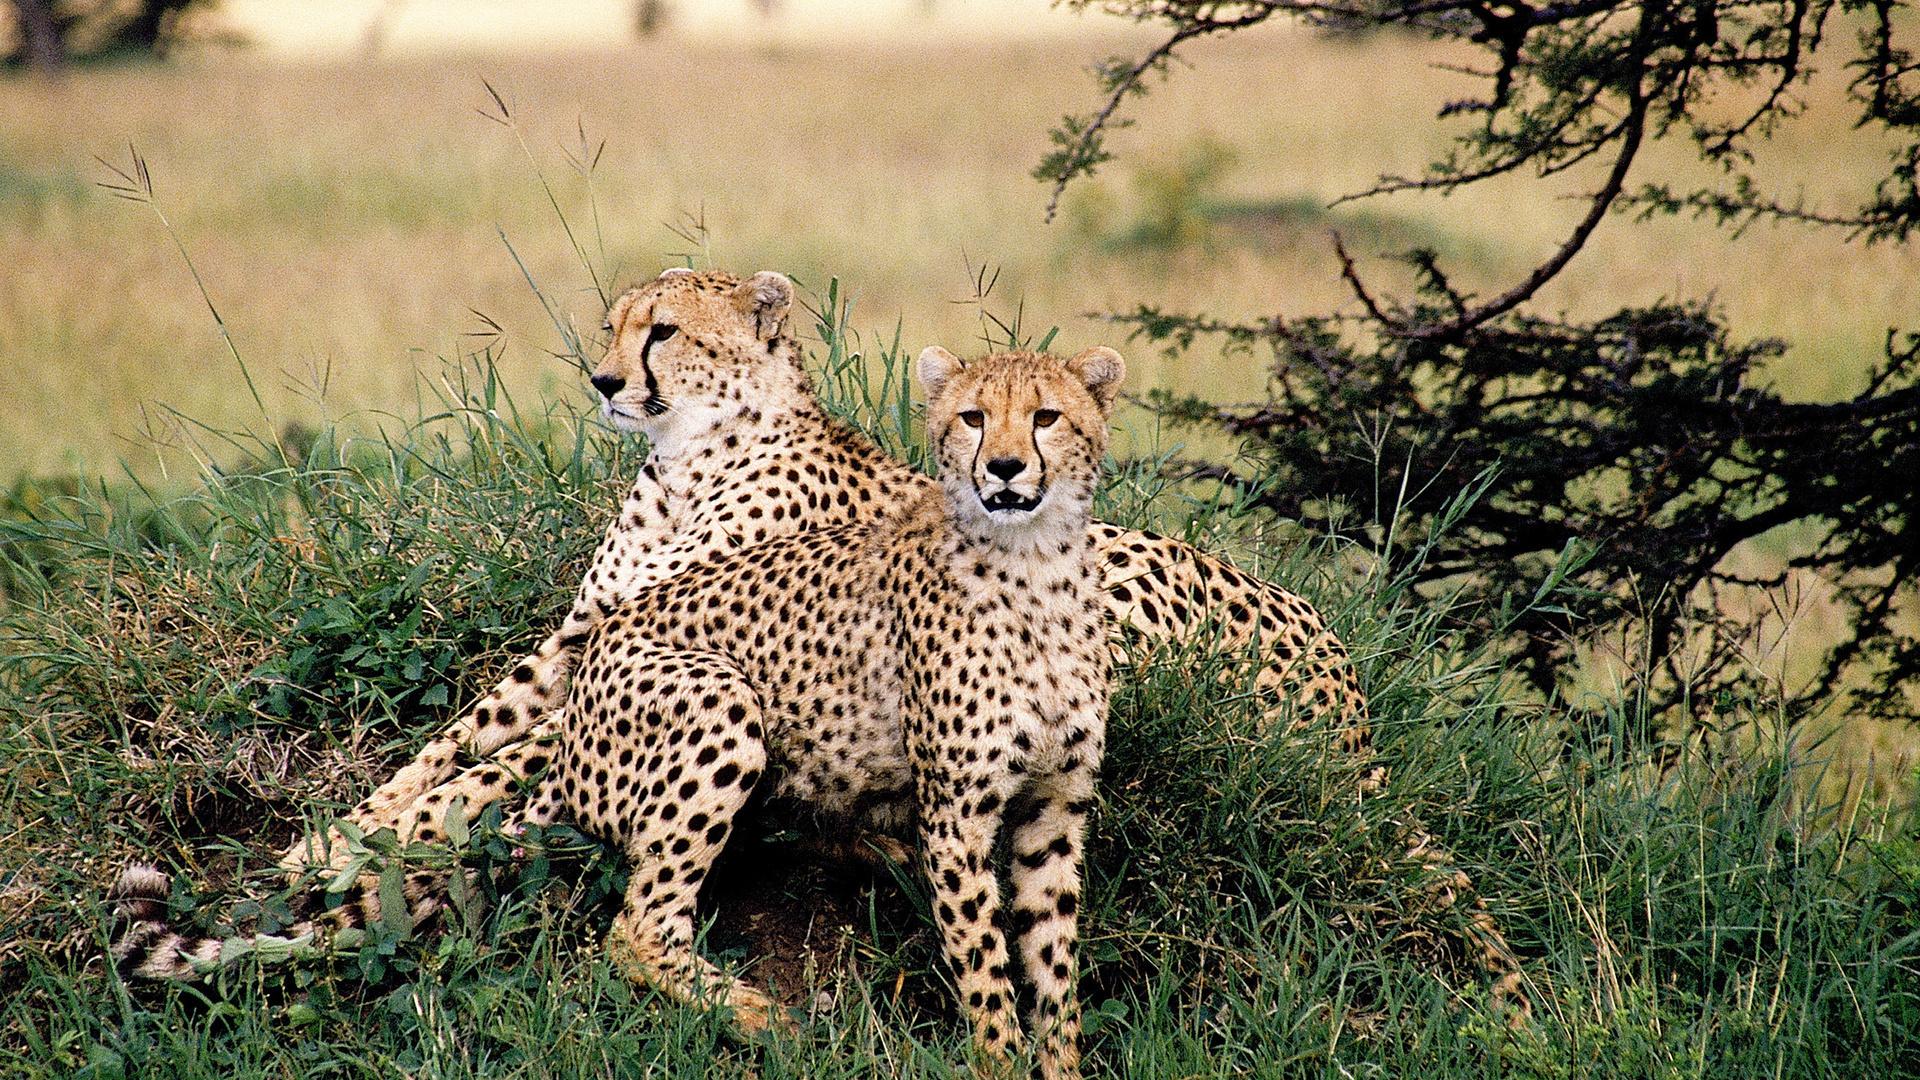 природа животные гепарды бесплатно